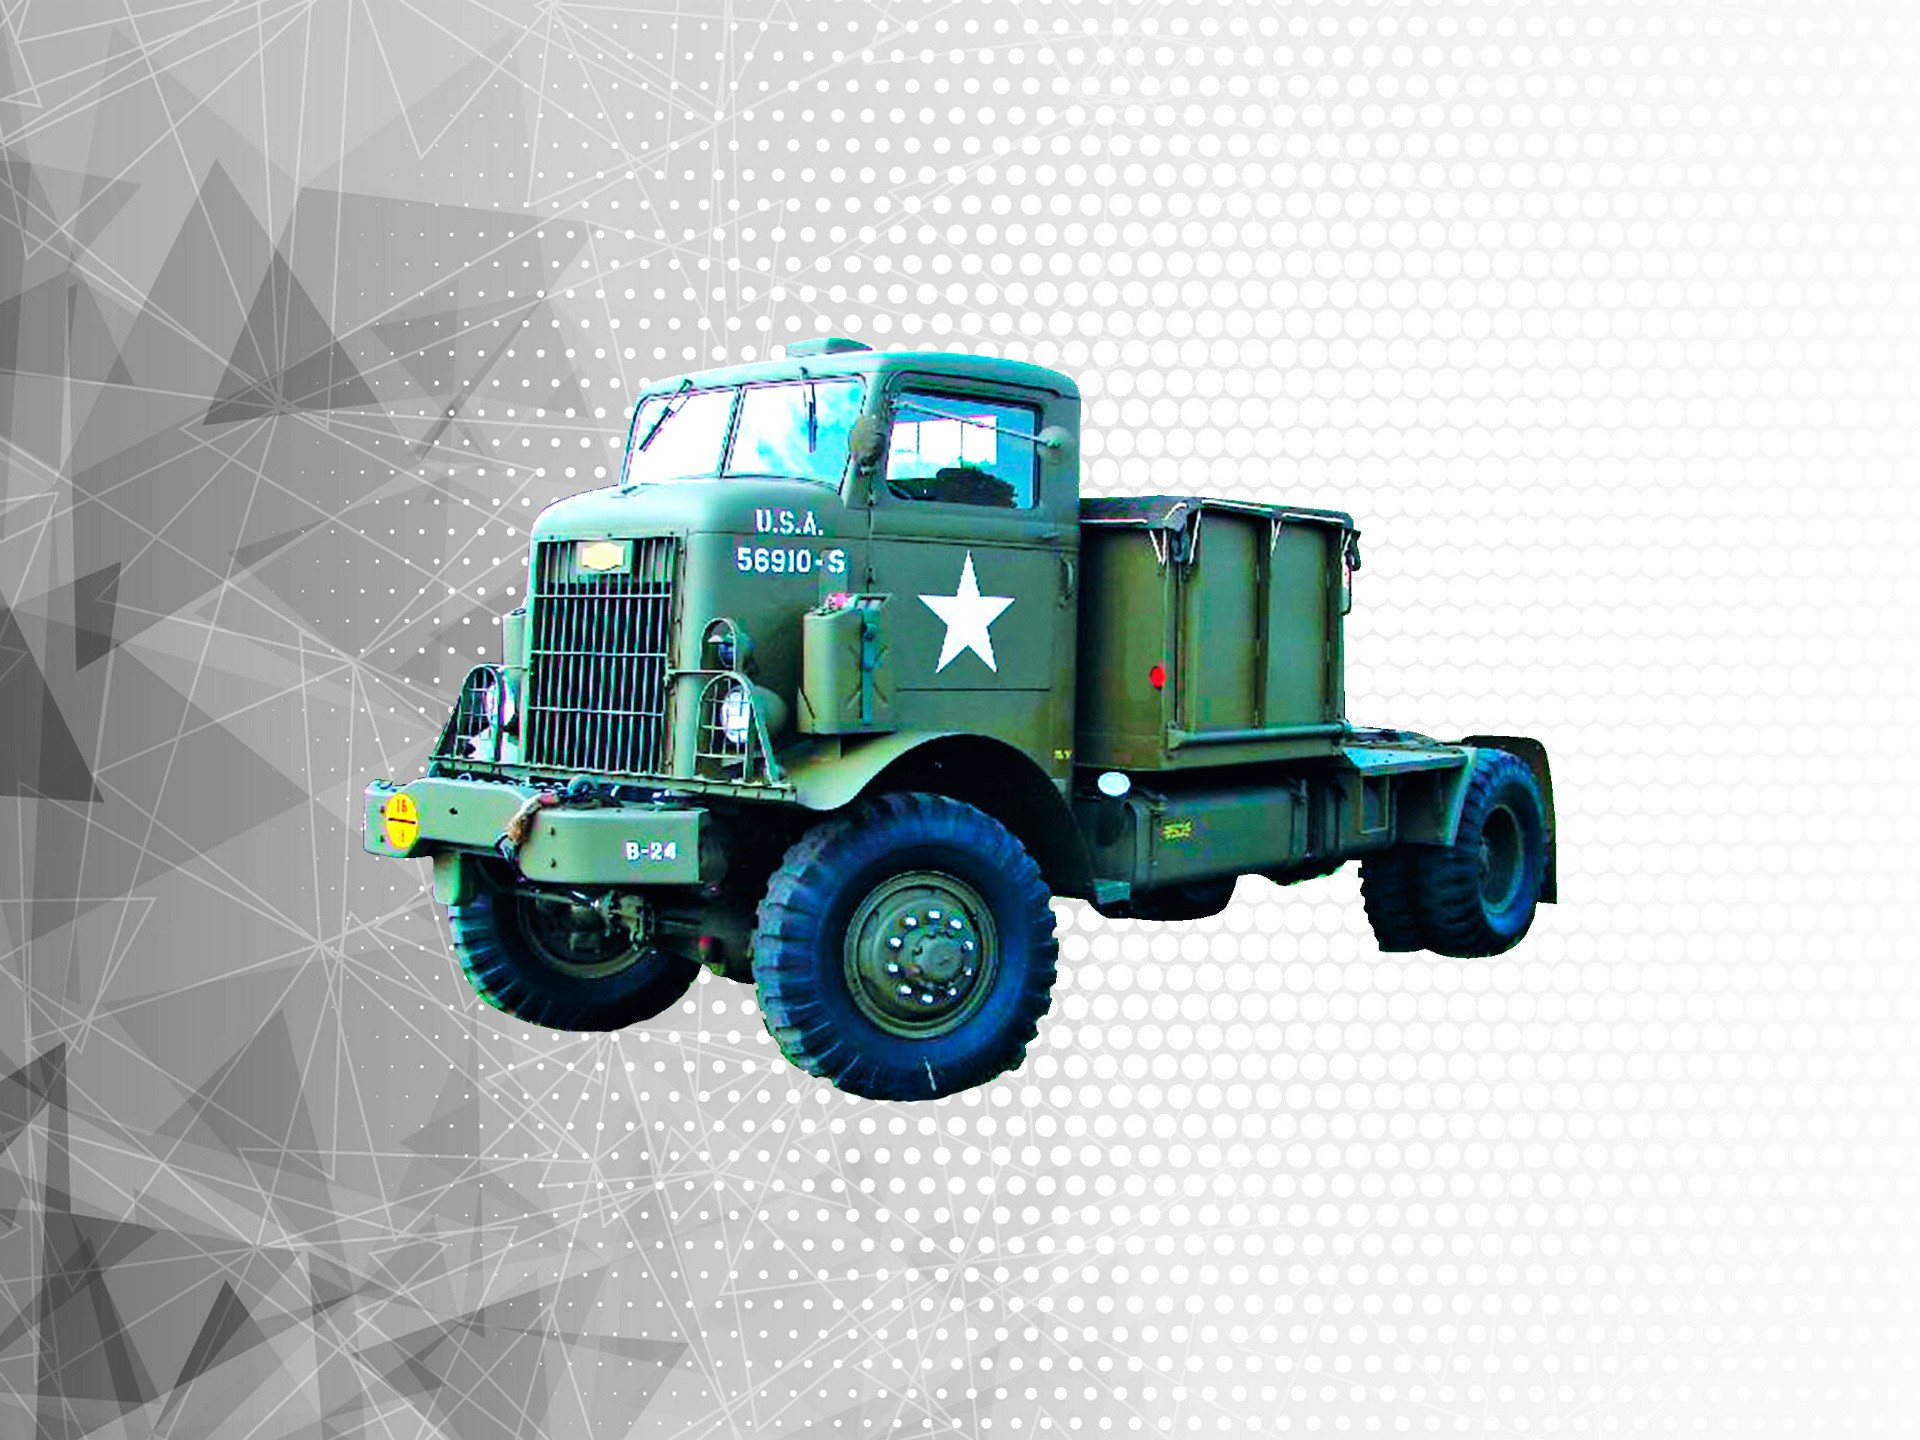 Армейские транспортеры и тягачи конвейер винтовой рисунок